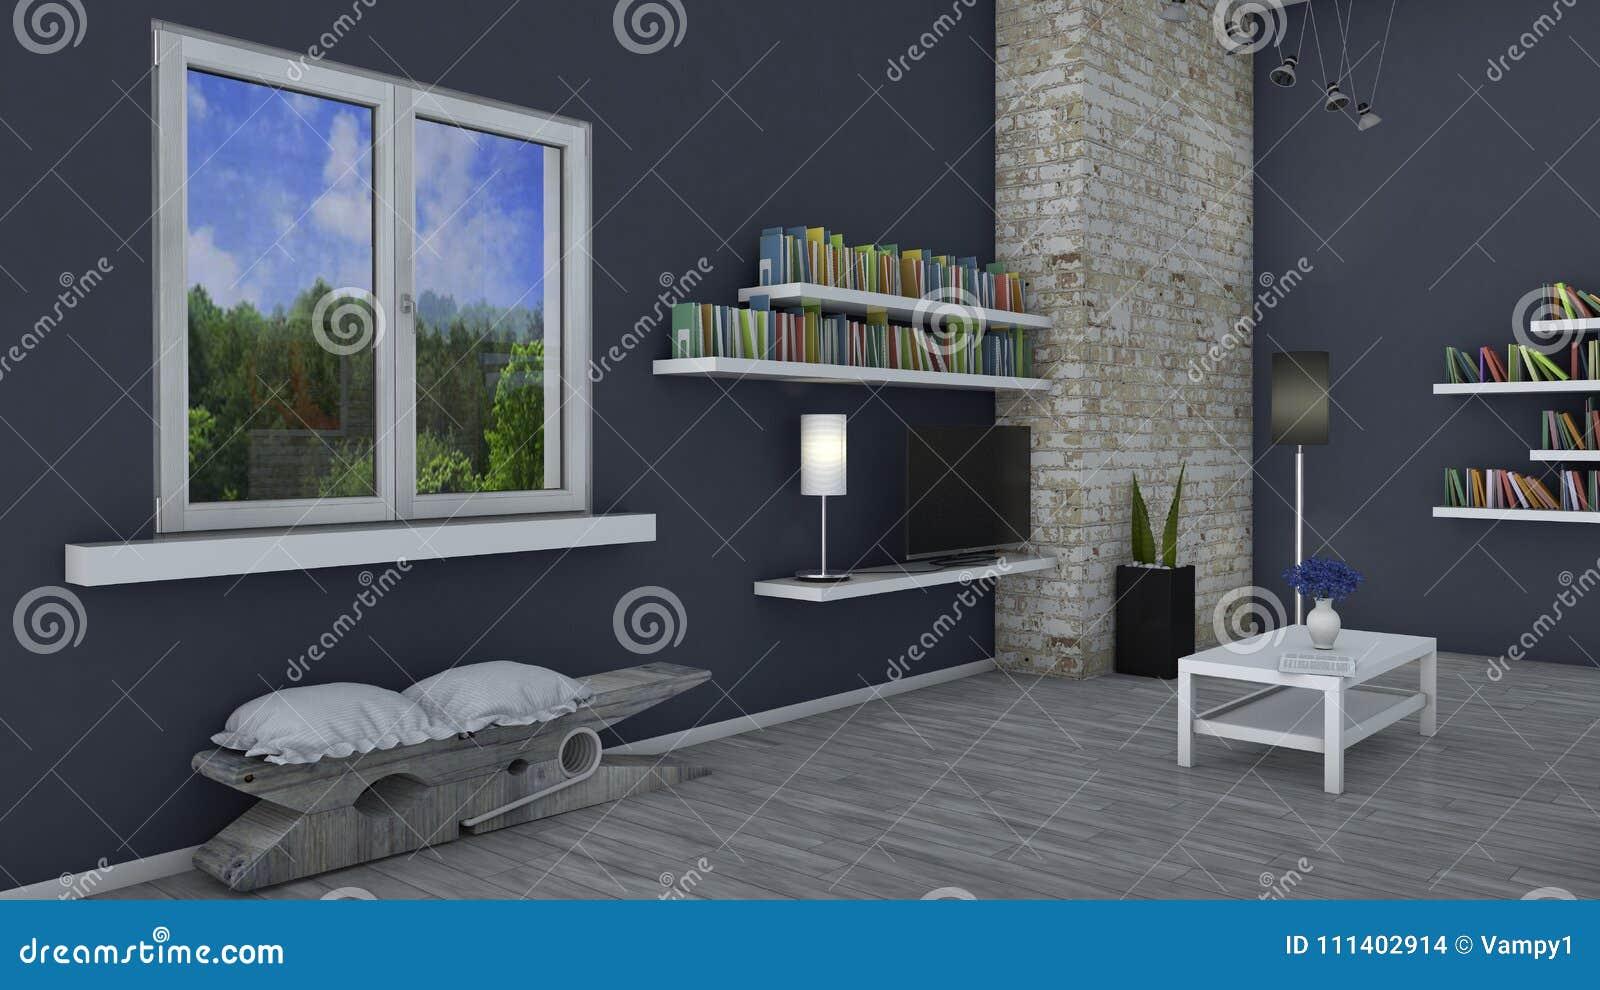 Innenarchitektur, Wohnzimmer Und Moderne Möbel, Backsteinmauer, Fenster,  Das Einen Park übersieht Prestigevolles